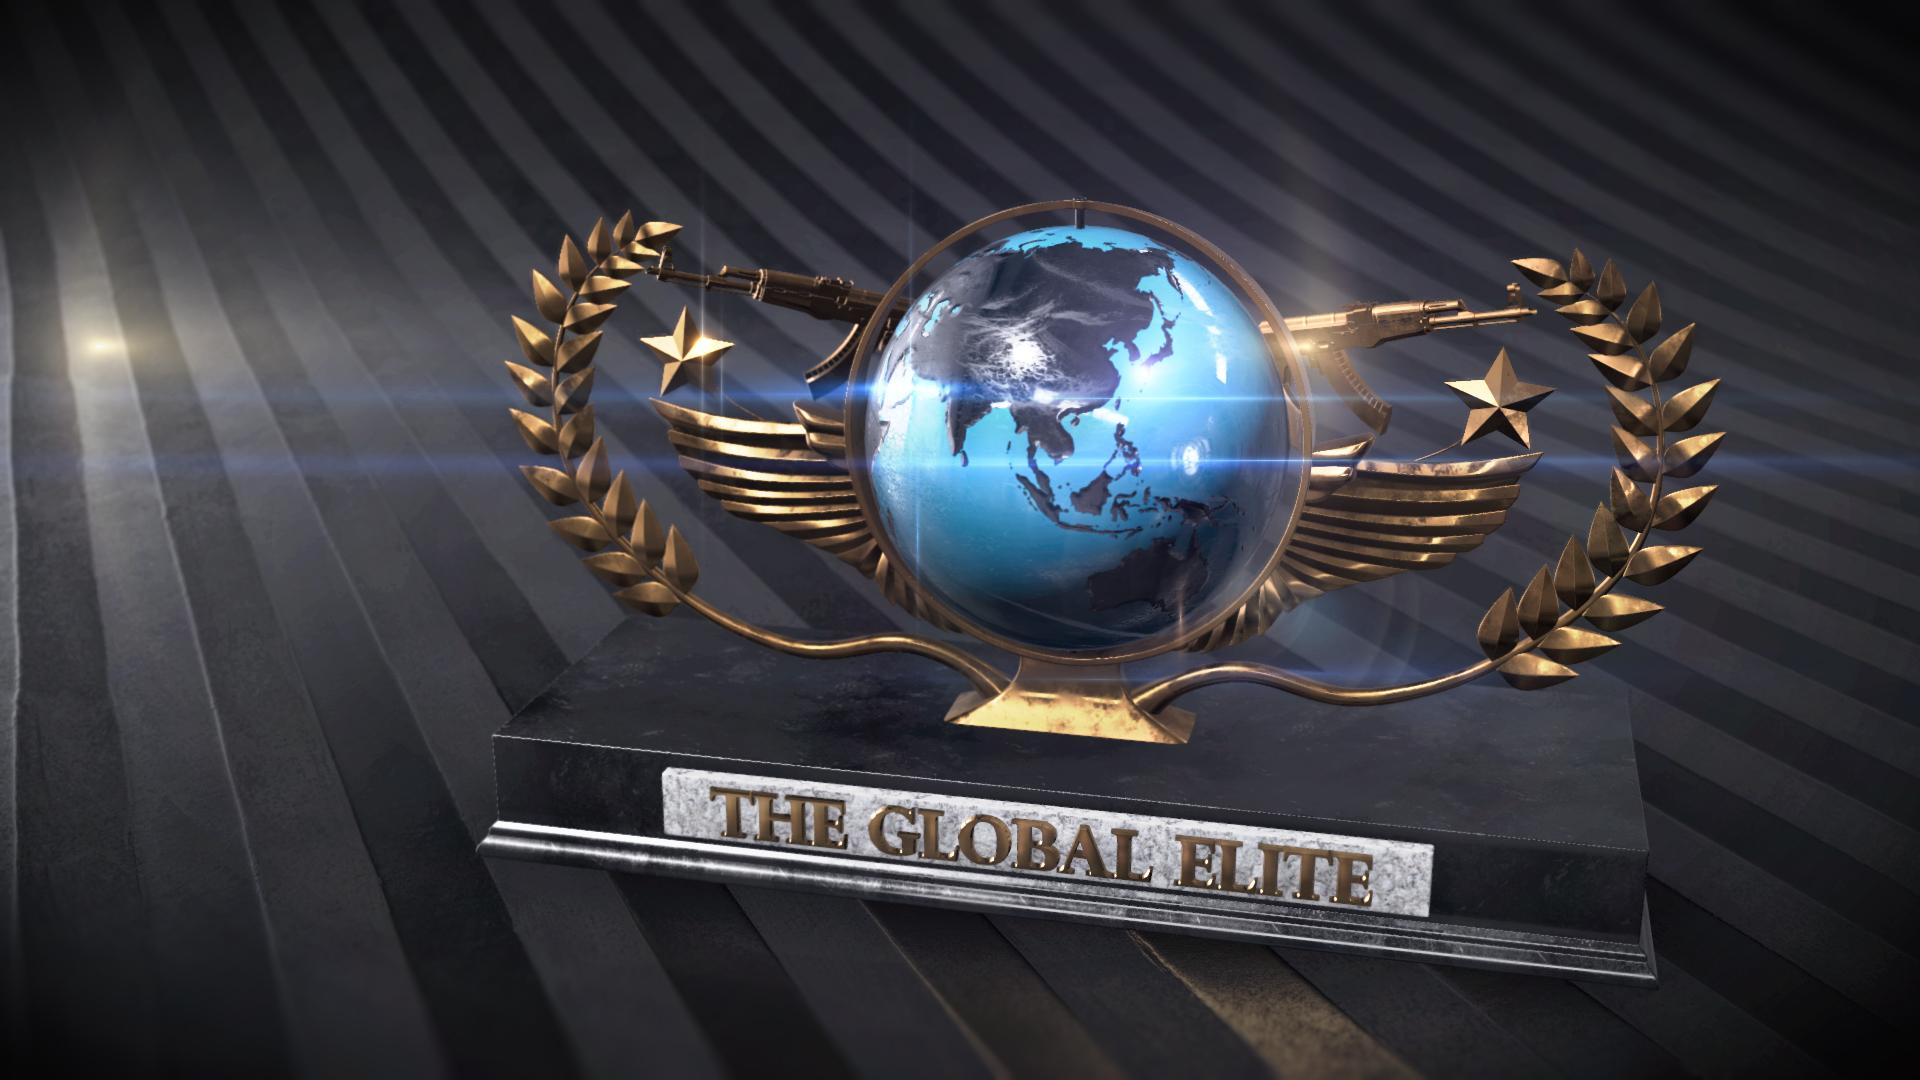 CS:GO [от Legendary Eagle до Global Elite]